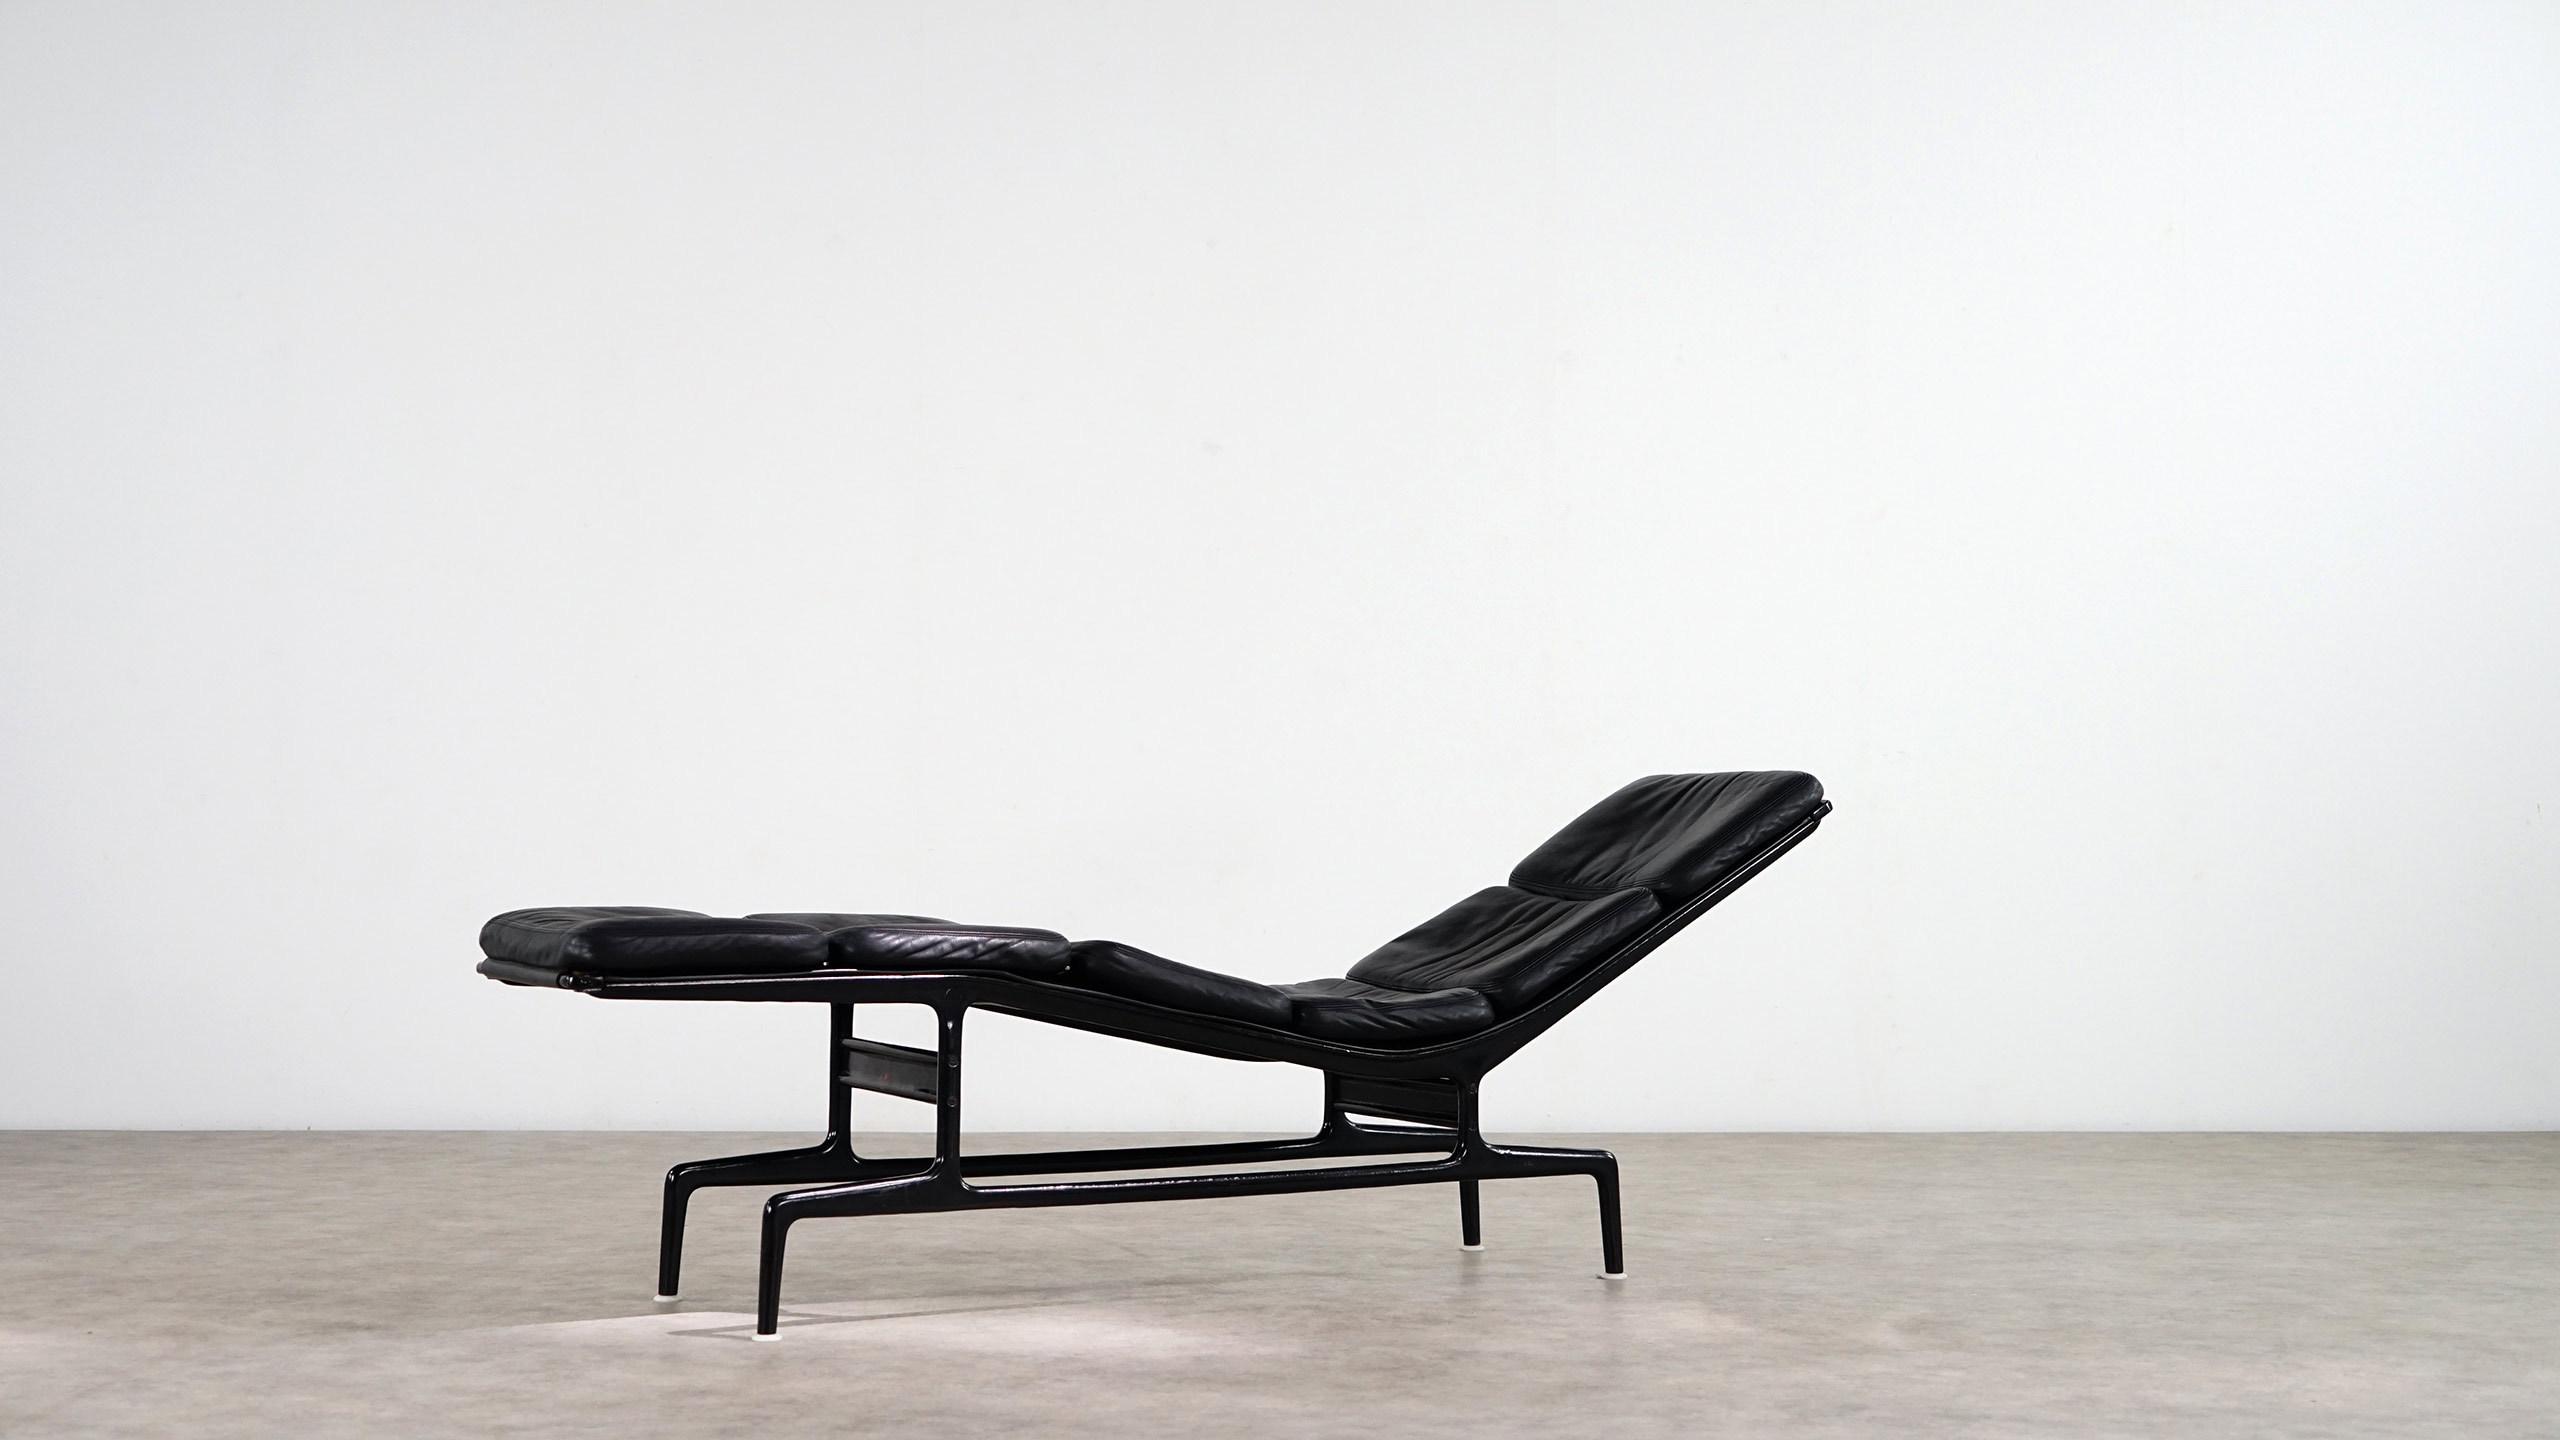 Dimensions W 7559 Inch H 2835 D 1772 192 Cm 72 45 Designer Charles Eames Manufacturer Herman Miller Price 3900 EUR